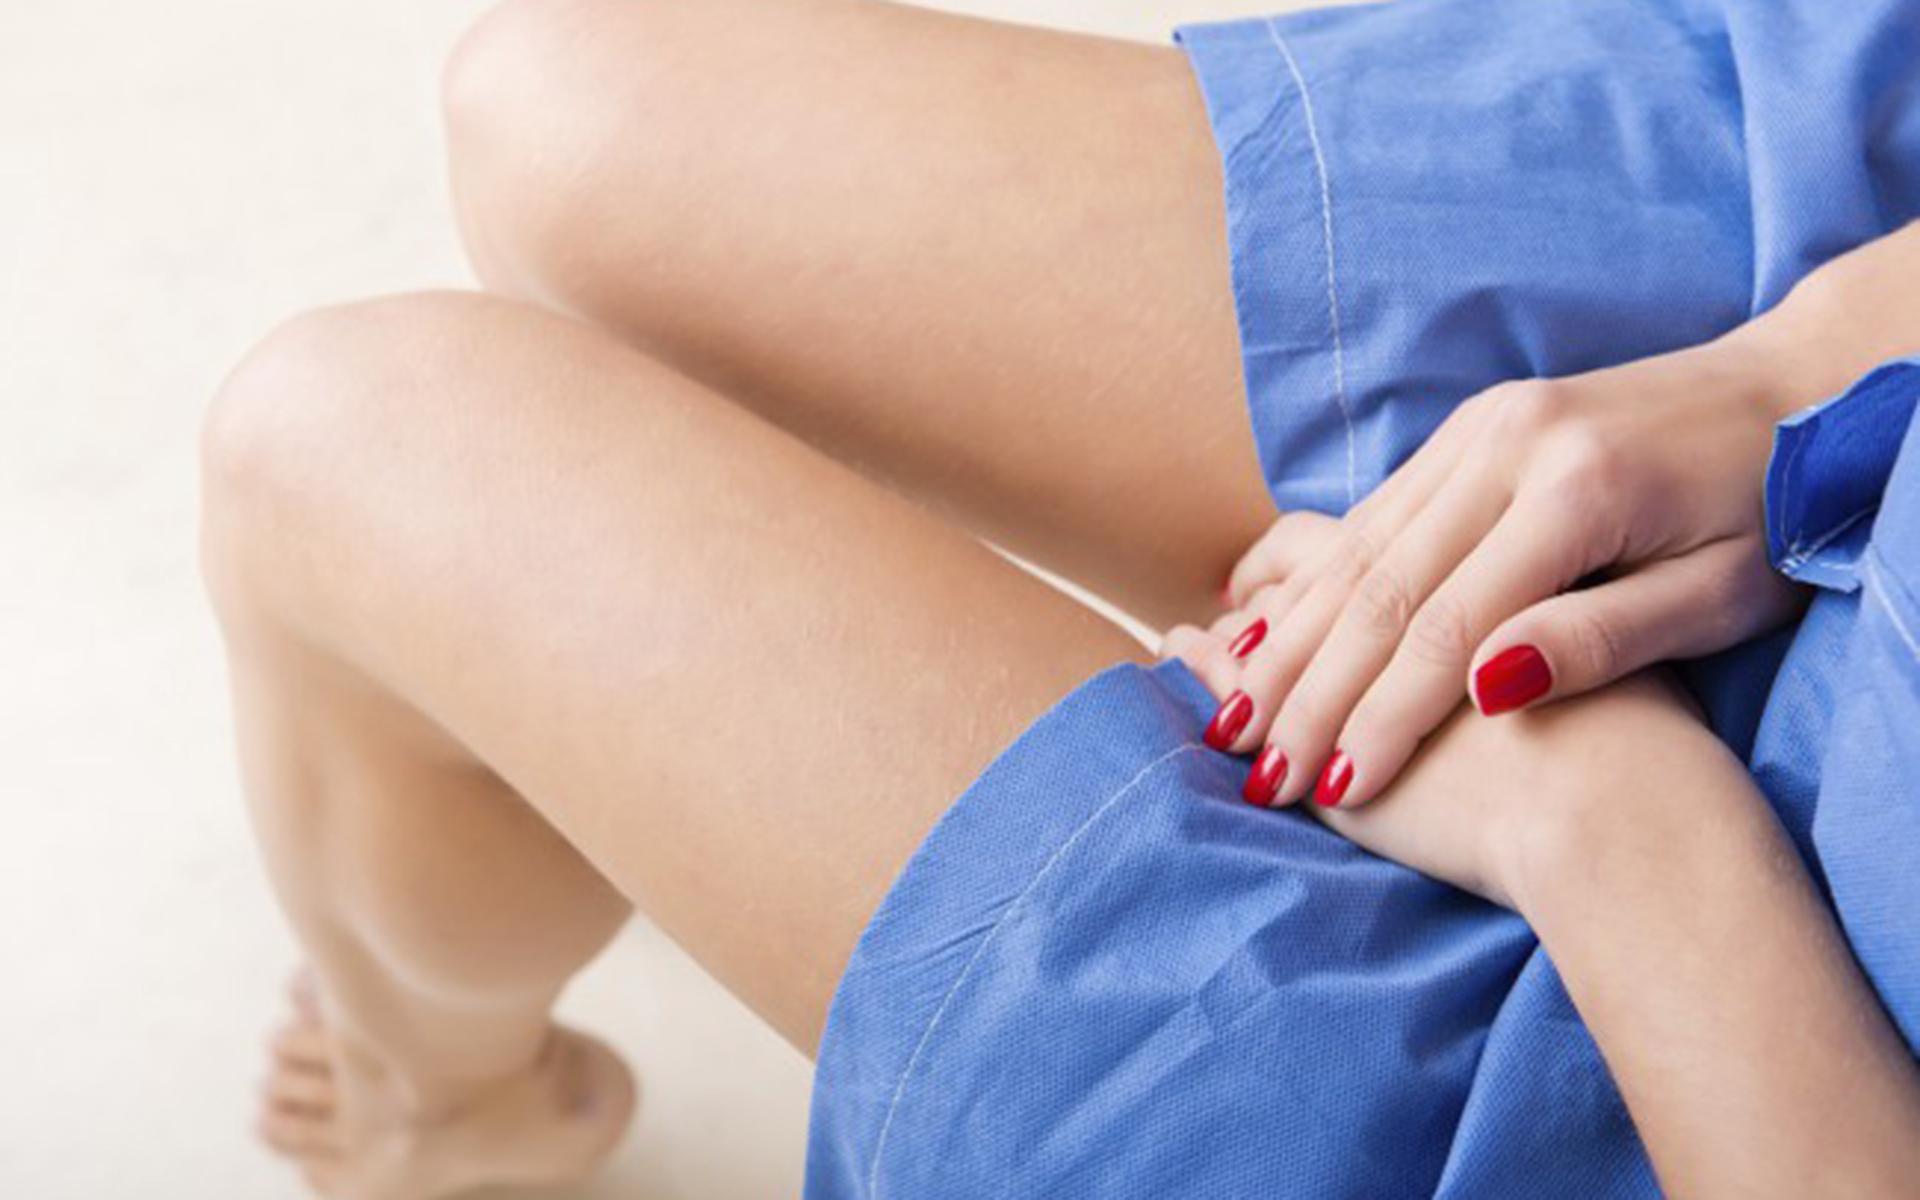 pericol de negi genitale